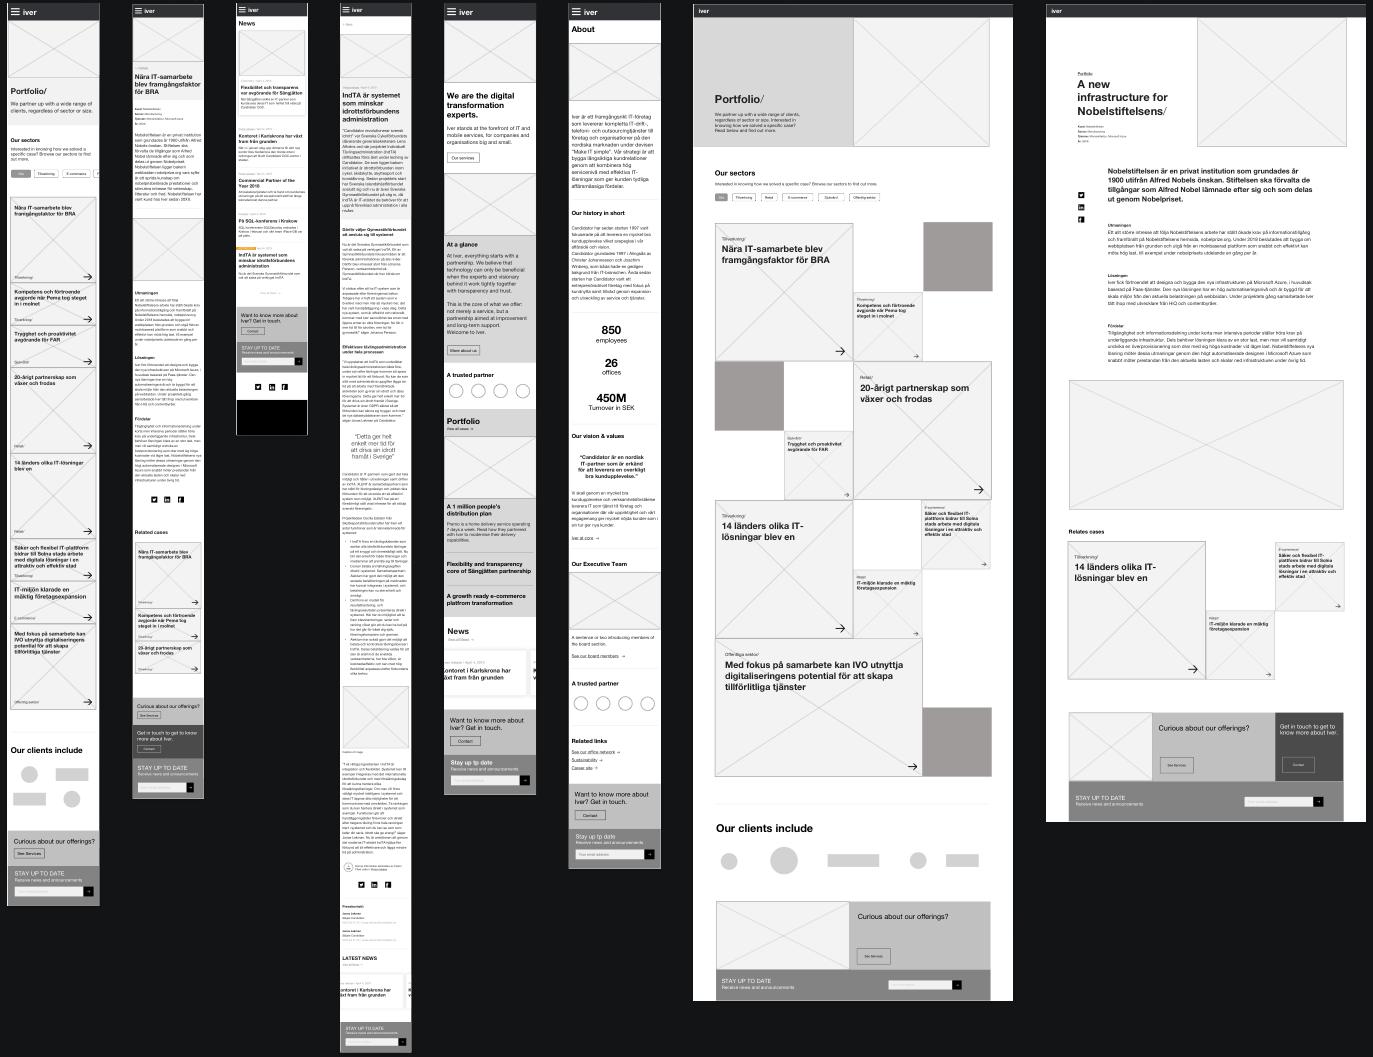 Screenshot 2019-11-21 at 14.02.18